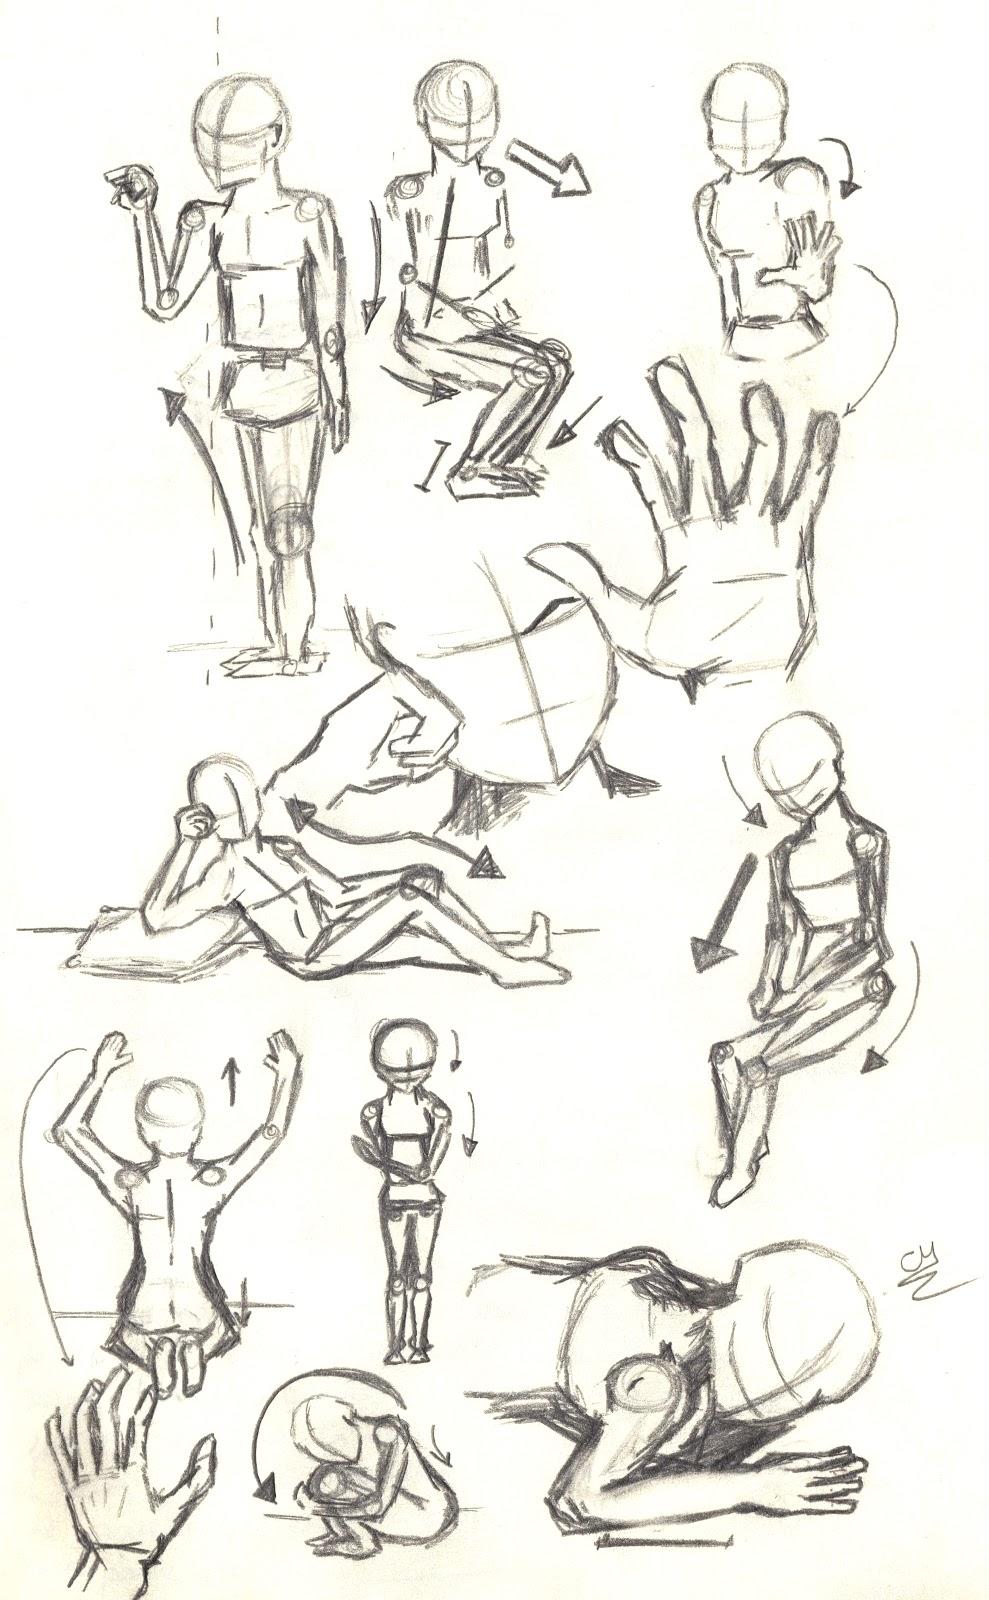 Si el tiempo llega tarde: El camino del dibujante: Anatomía #1